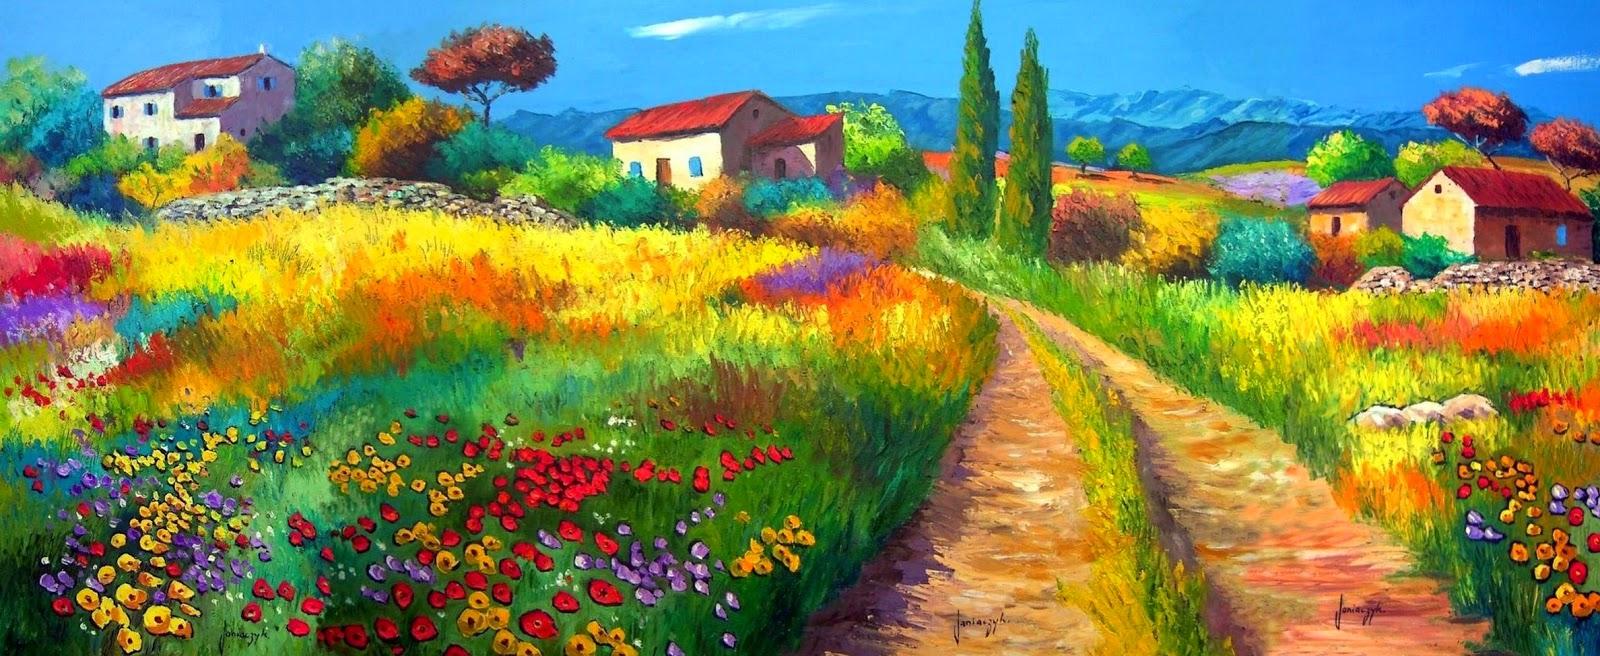 paisajes-con-flores-en-oleo-y-espatula